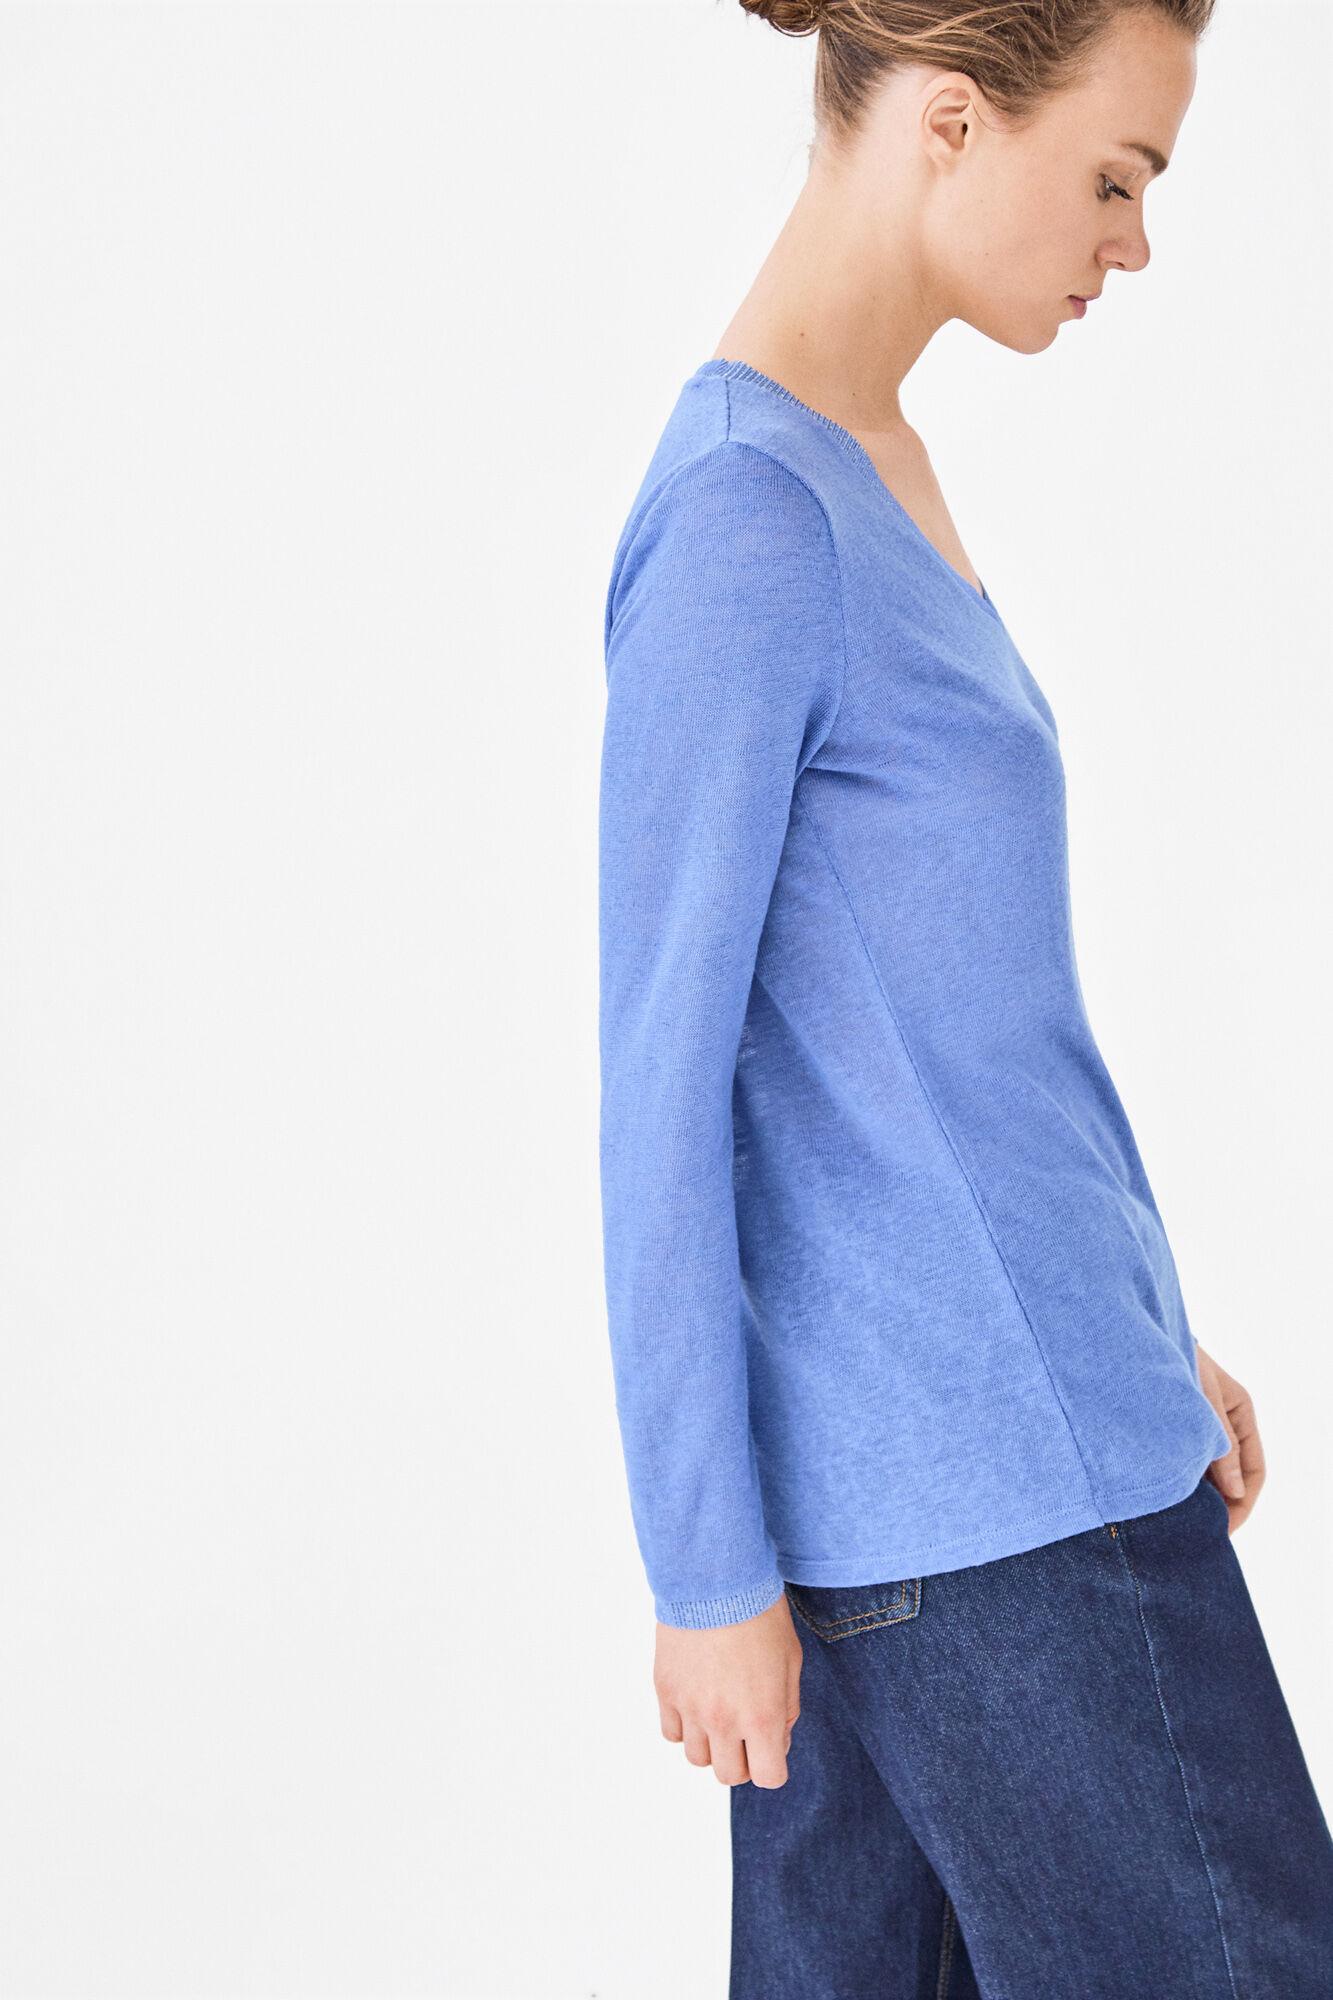 Maglietta Lurex Cortefiel Maglietta Blue Maglietta Blue Lurex Cortefiel Maglietta Cortefiel Lurex Cortefiel Blue stChdQr